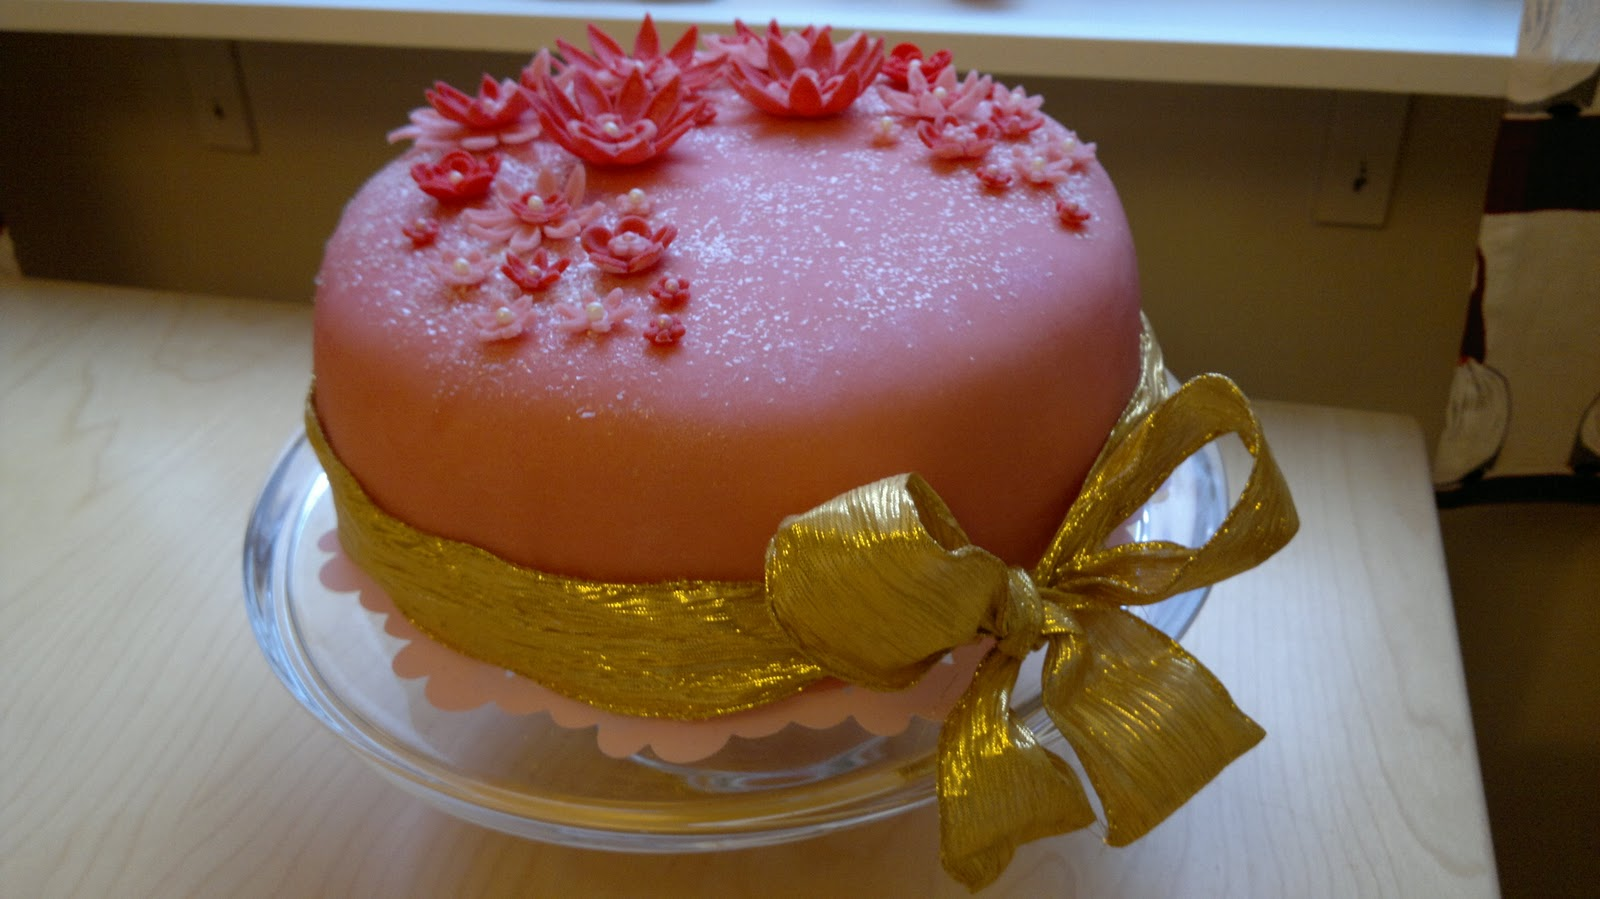 Väliaika - kahvia ja pullaa!: Vauvalle nimi ja kakku